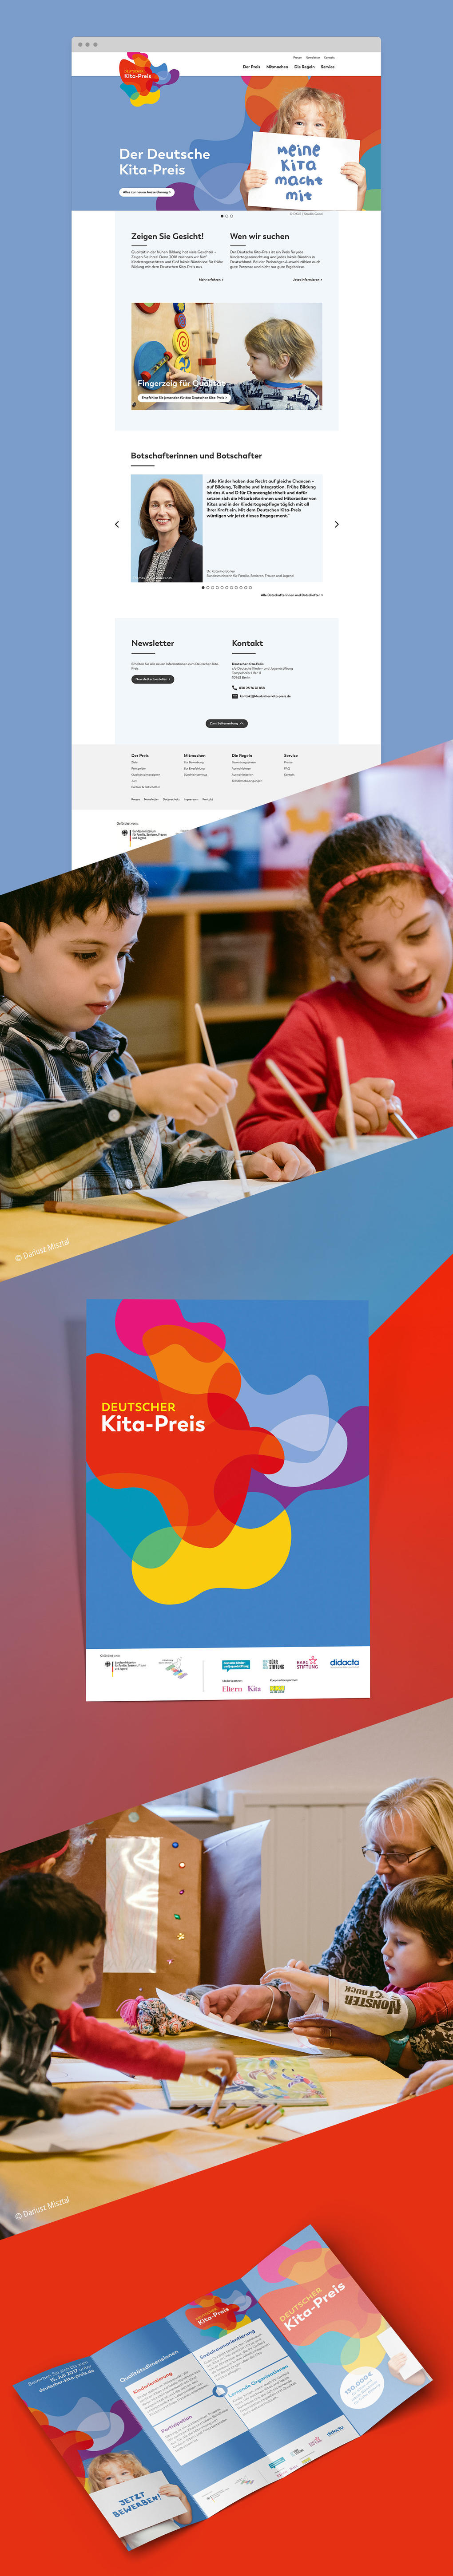 Projektaufbereitung für den Deutschen Kita-Preis